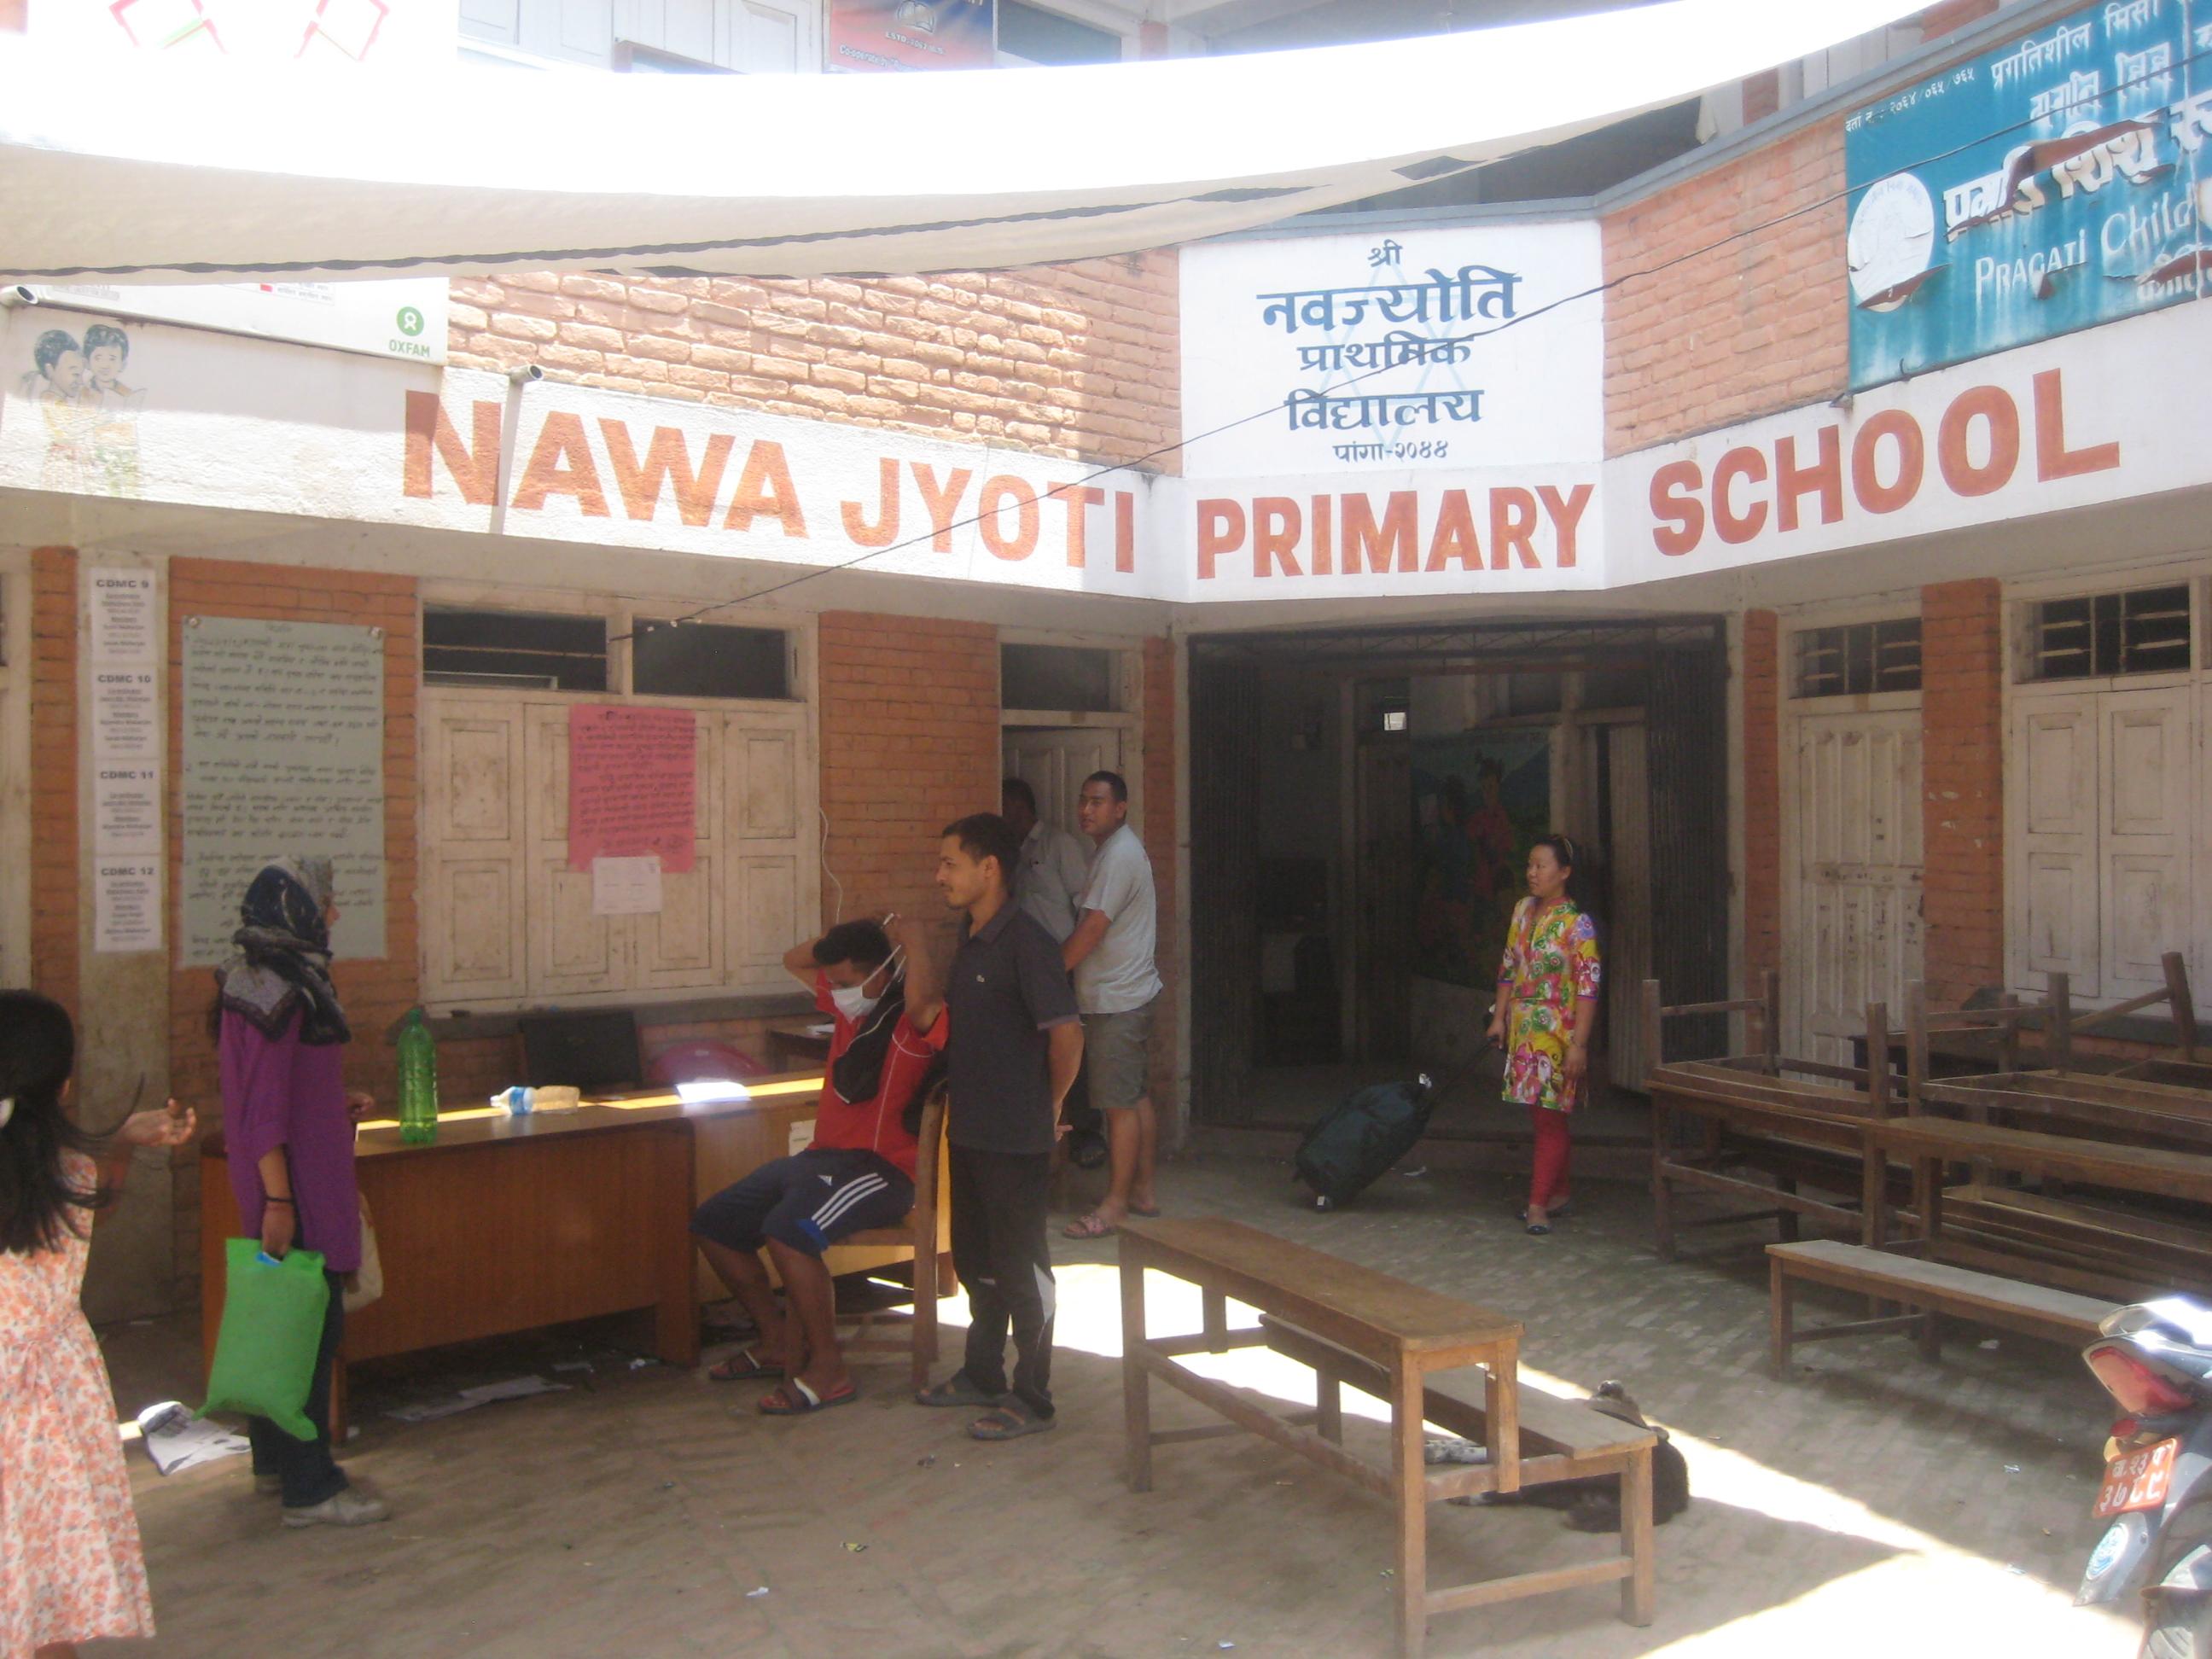 School premises